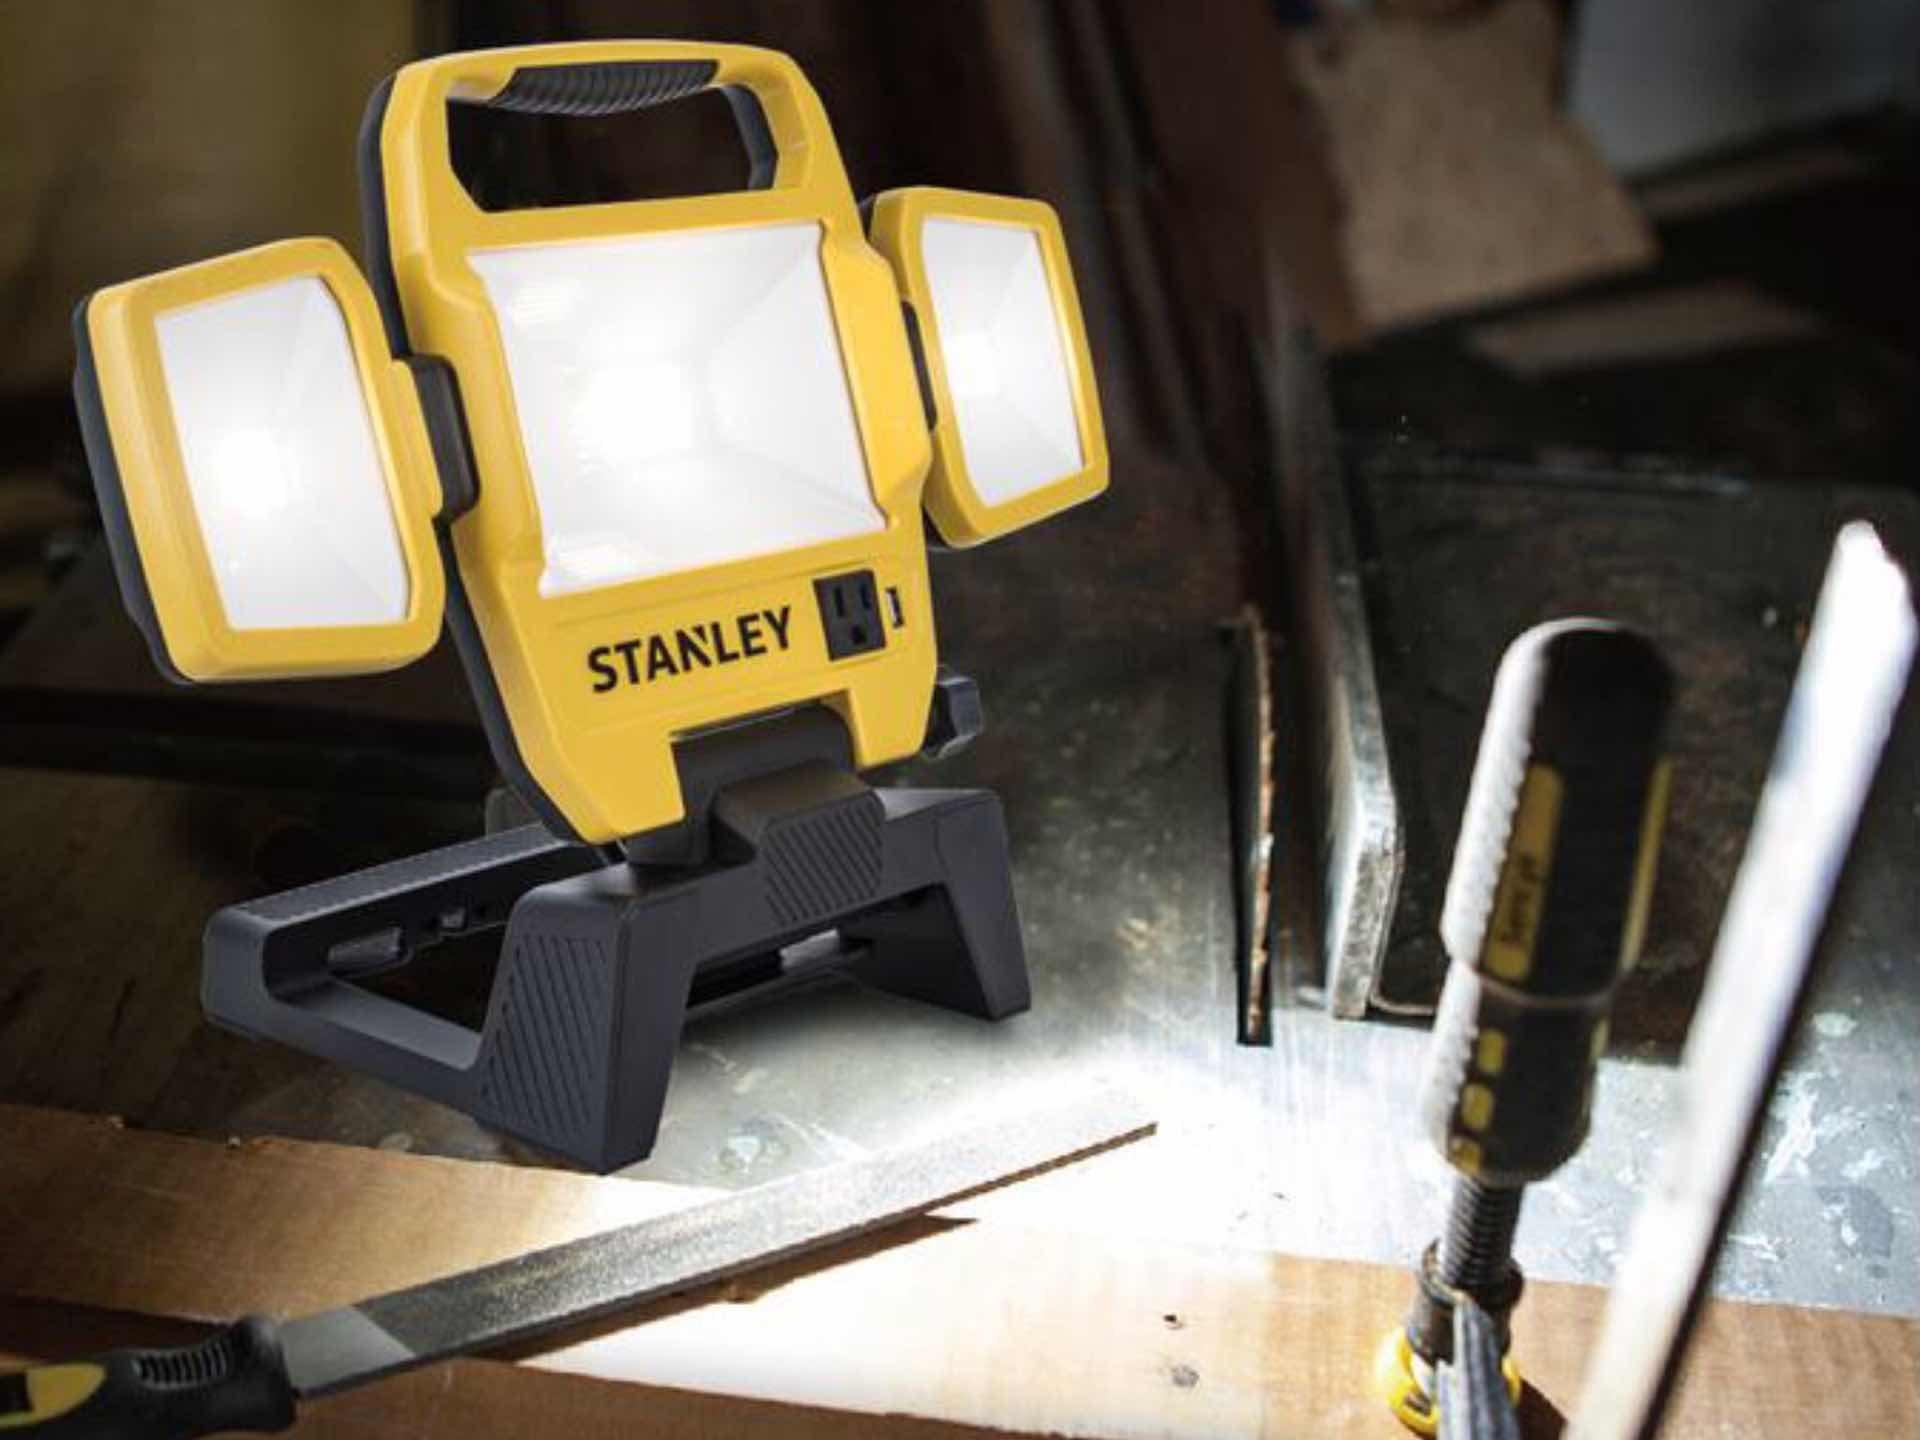 stanley-5000-lumen-led-portable-work-light-2